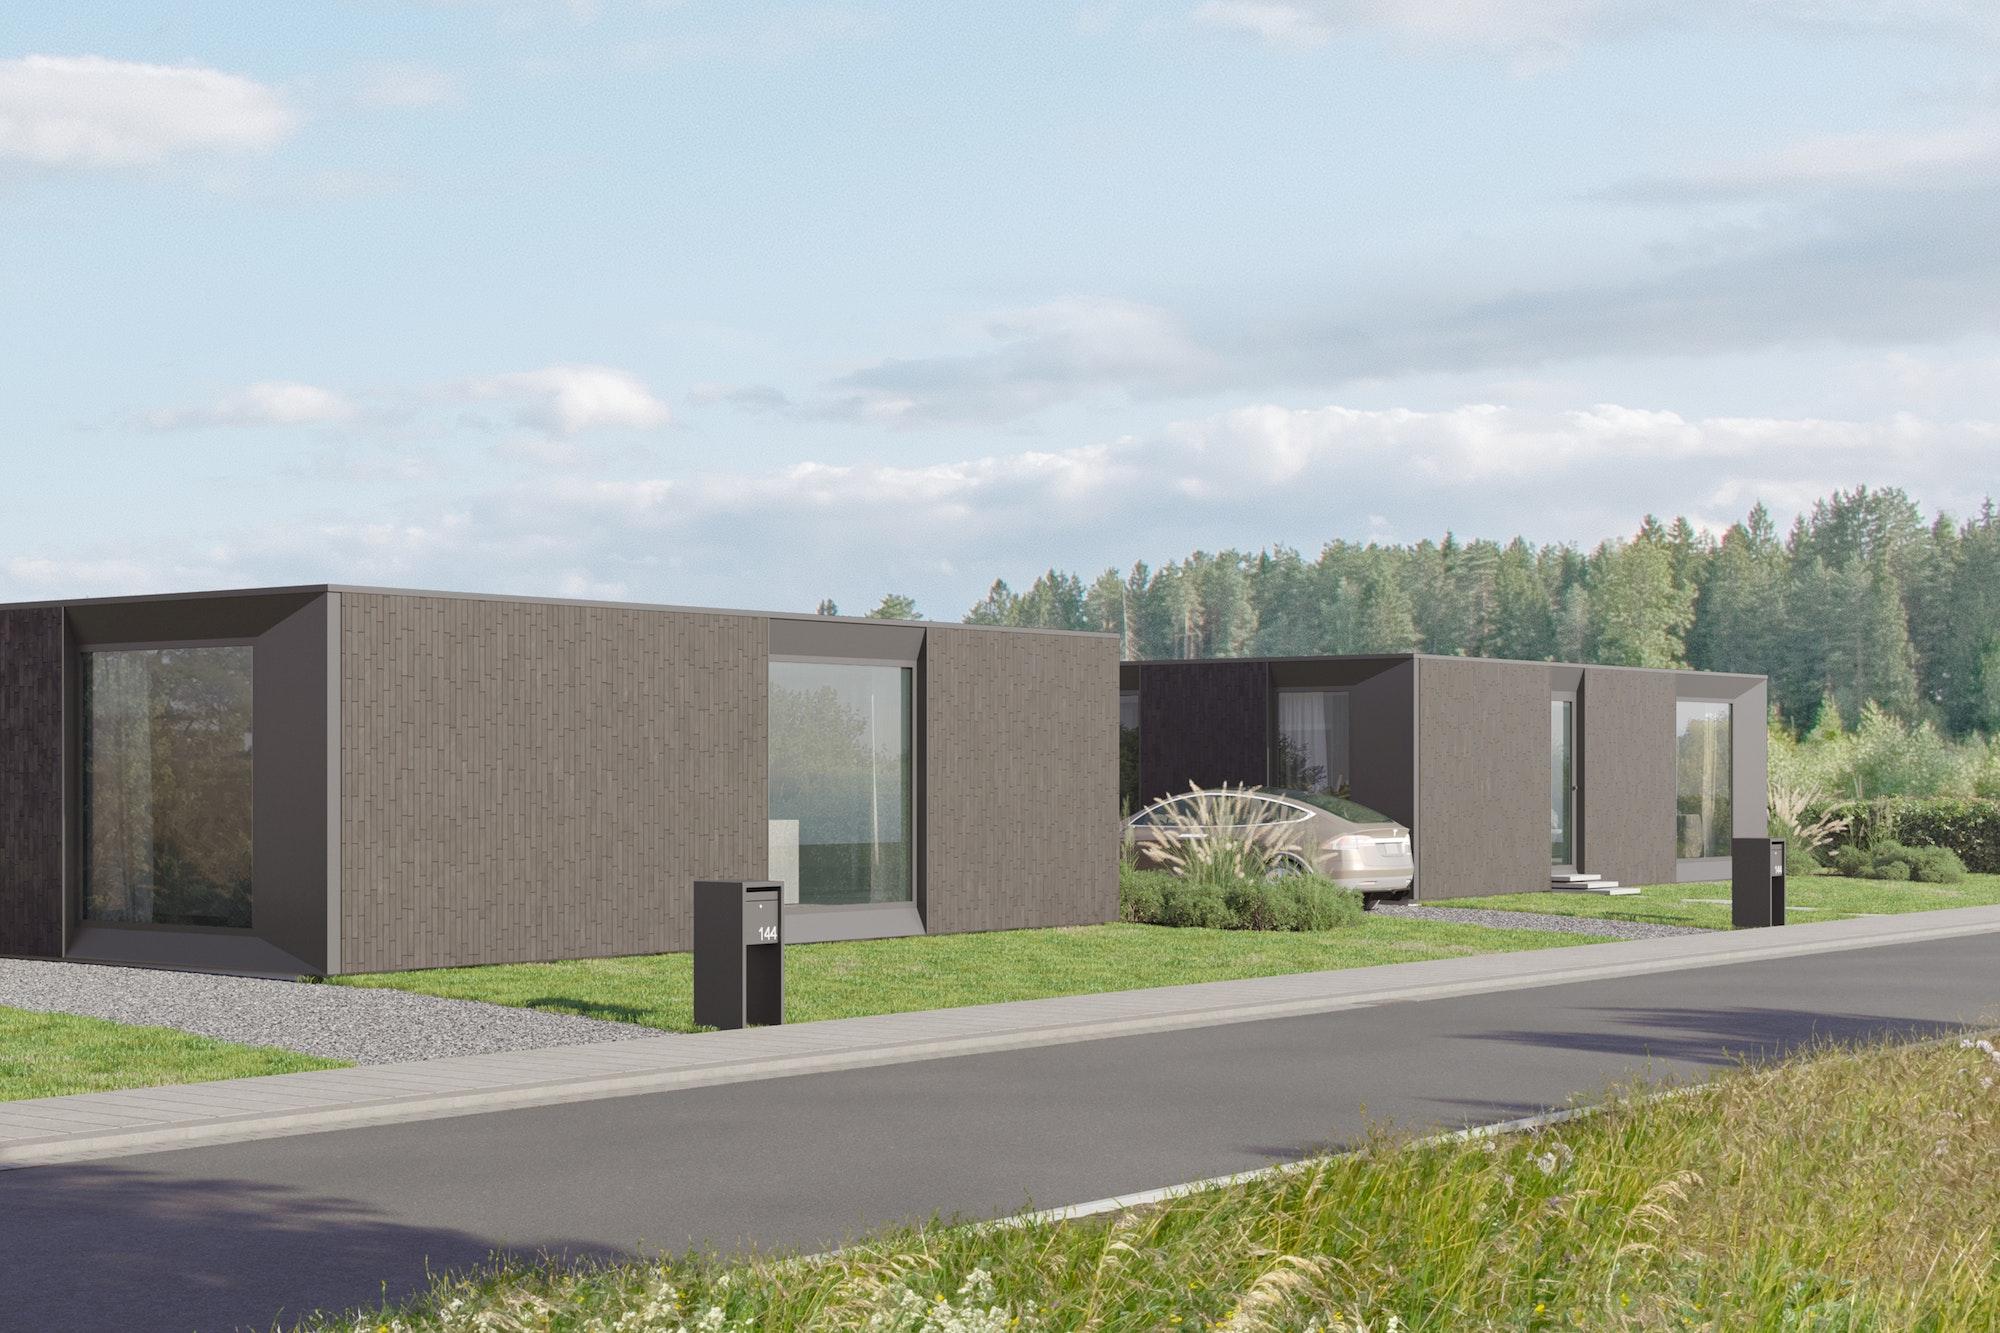 Skilpod #144 — houtskeletbouw bungalow woning met 4 slaapkamers, modern design met zwarte steen